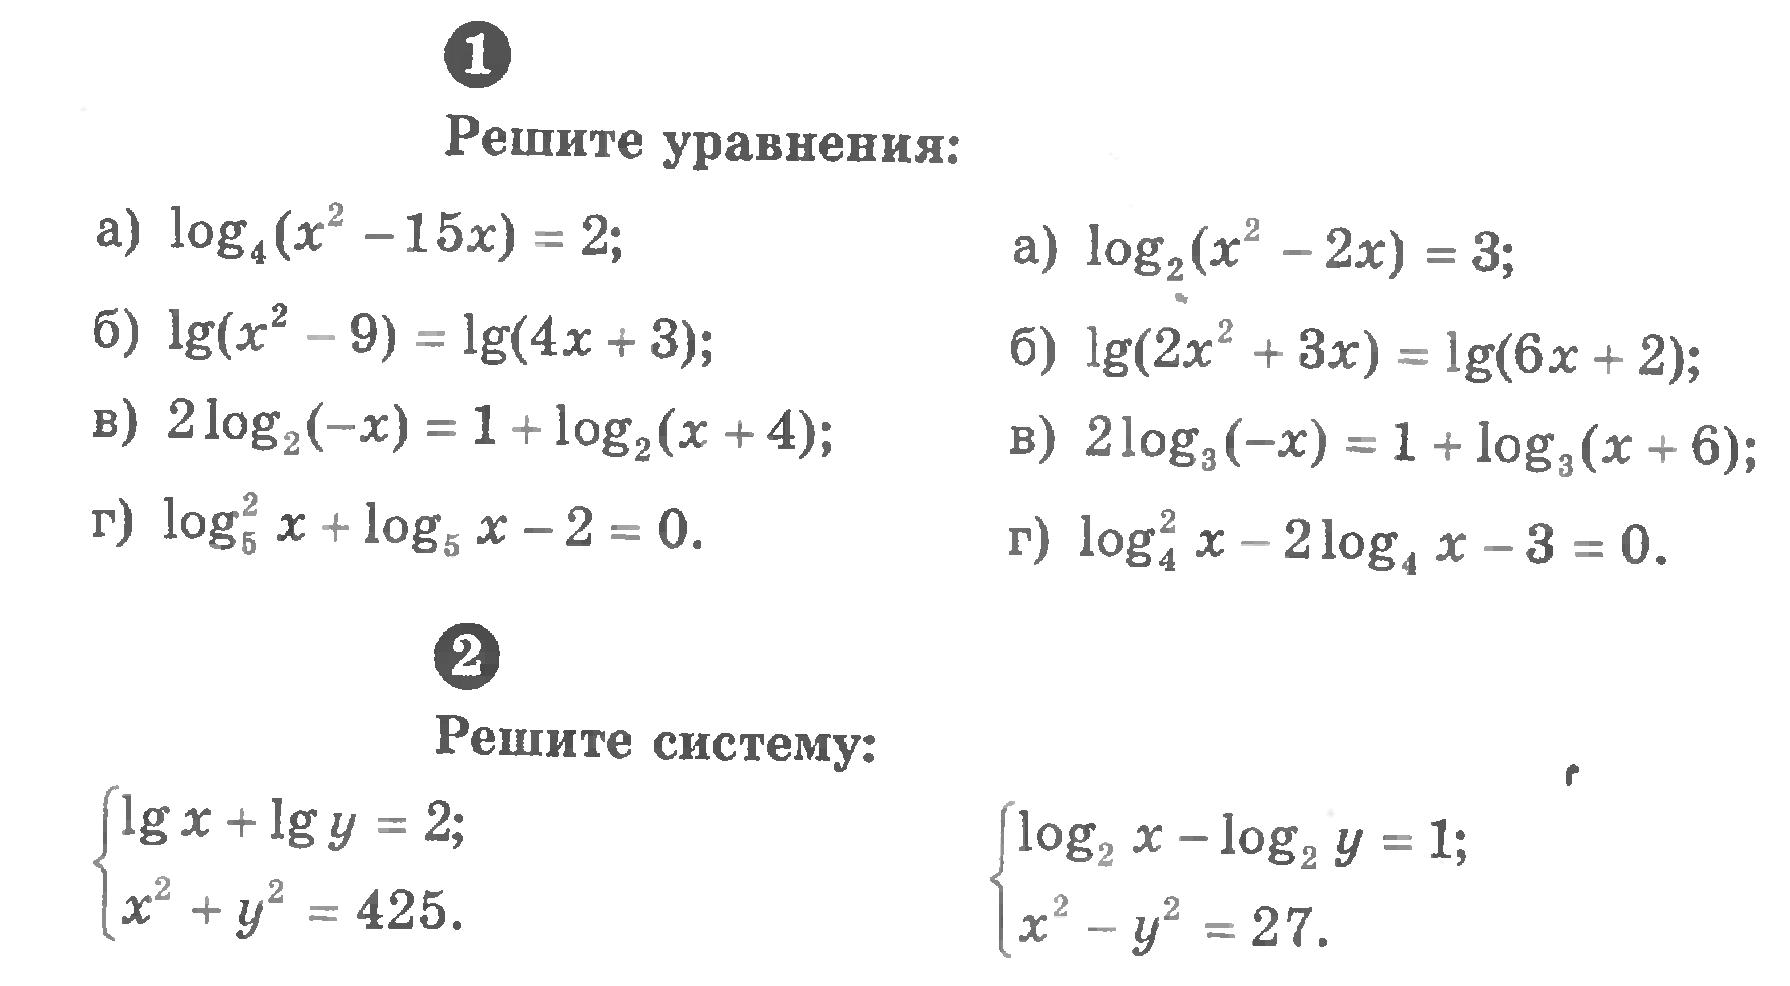 Контрольная работа по теме логарифмы с решением 4807